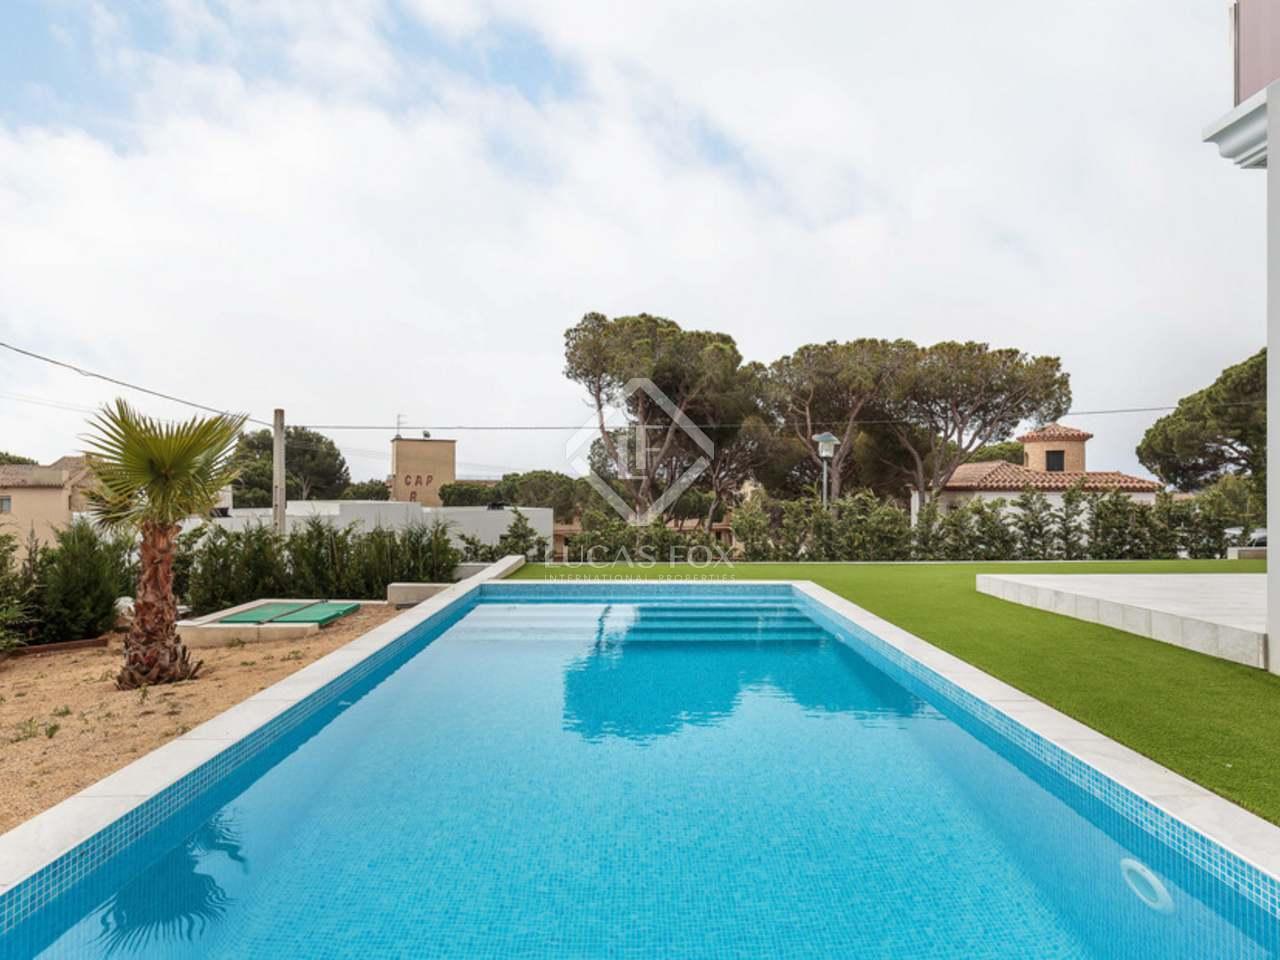 Villa nueva de 4 dormitorios en venta en playa de aro - Casa playa costa brava ...